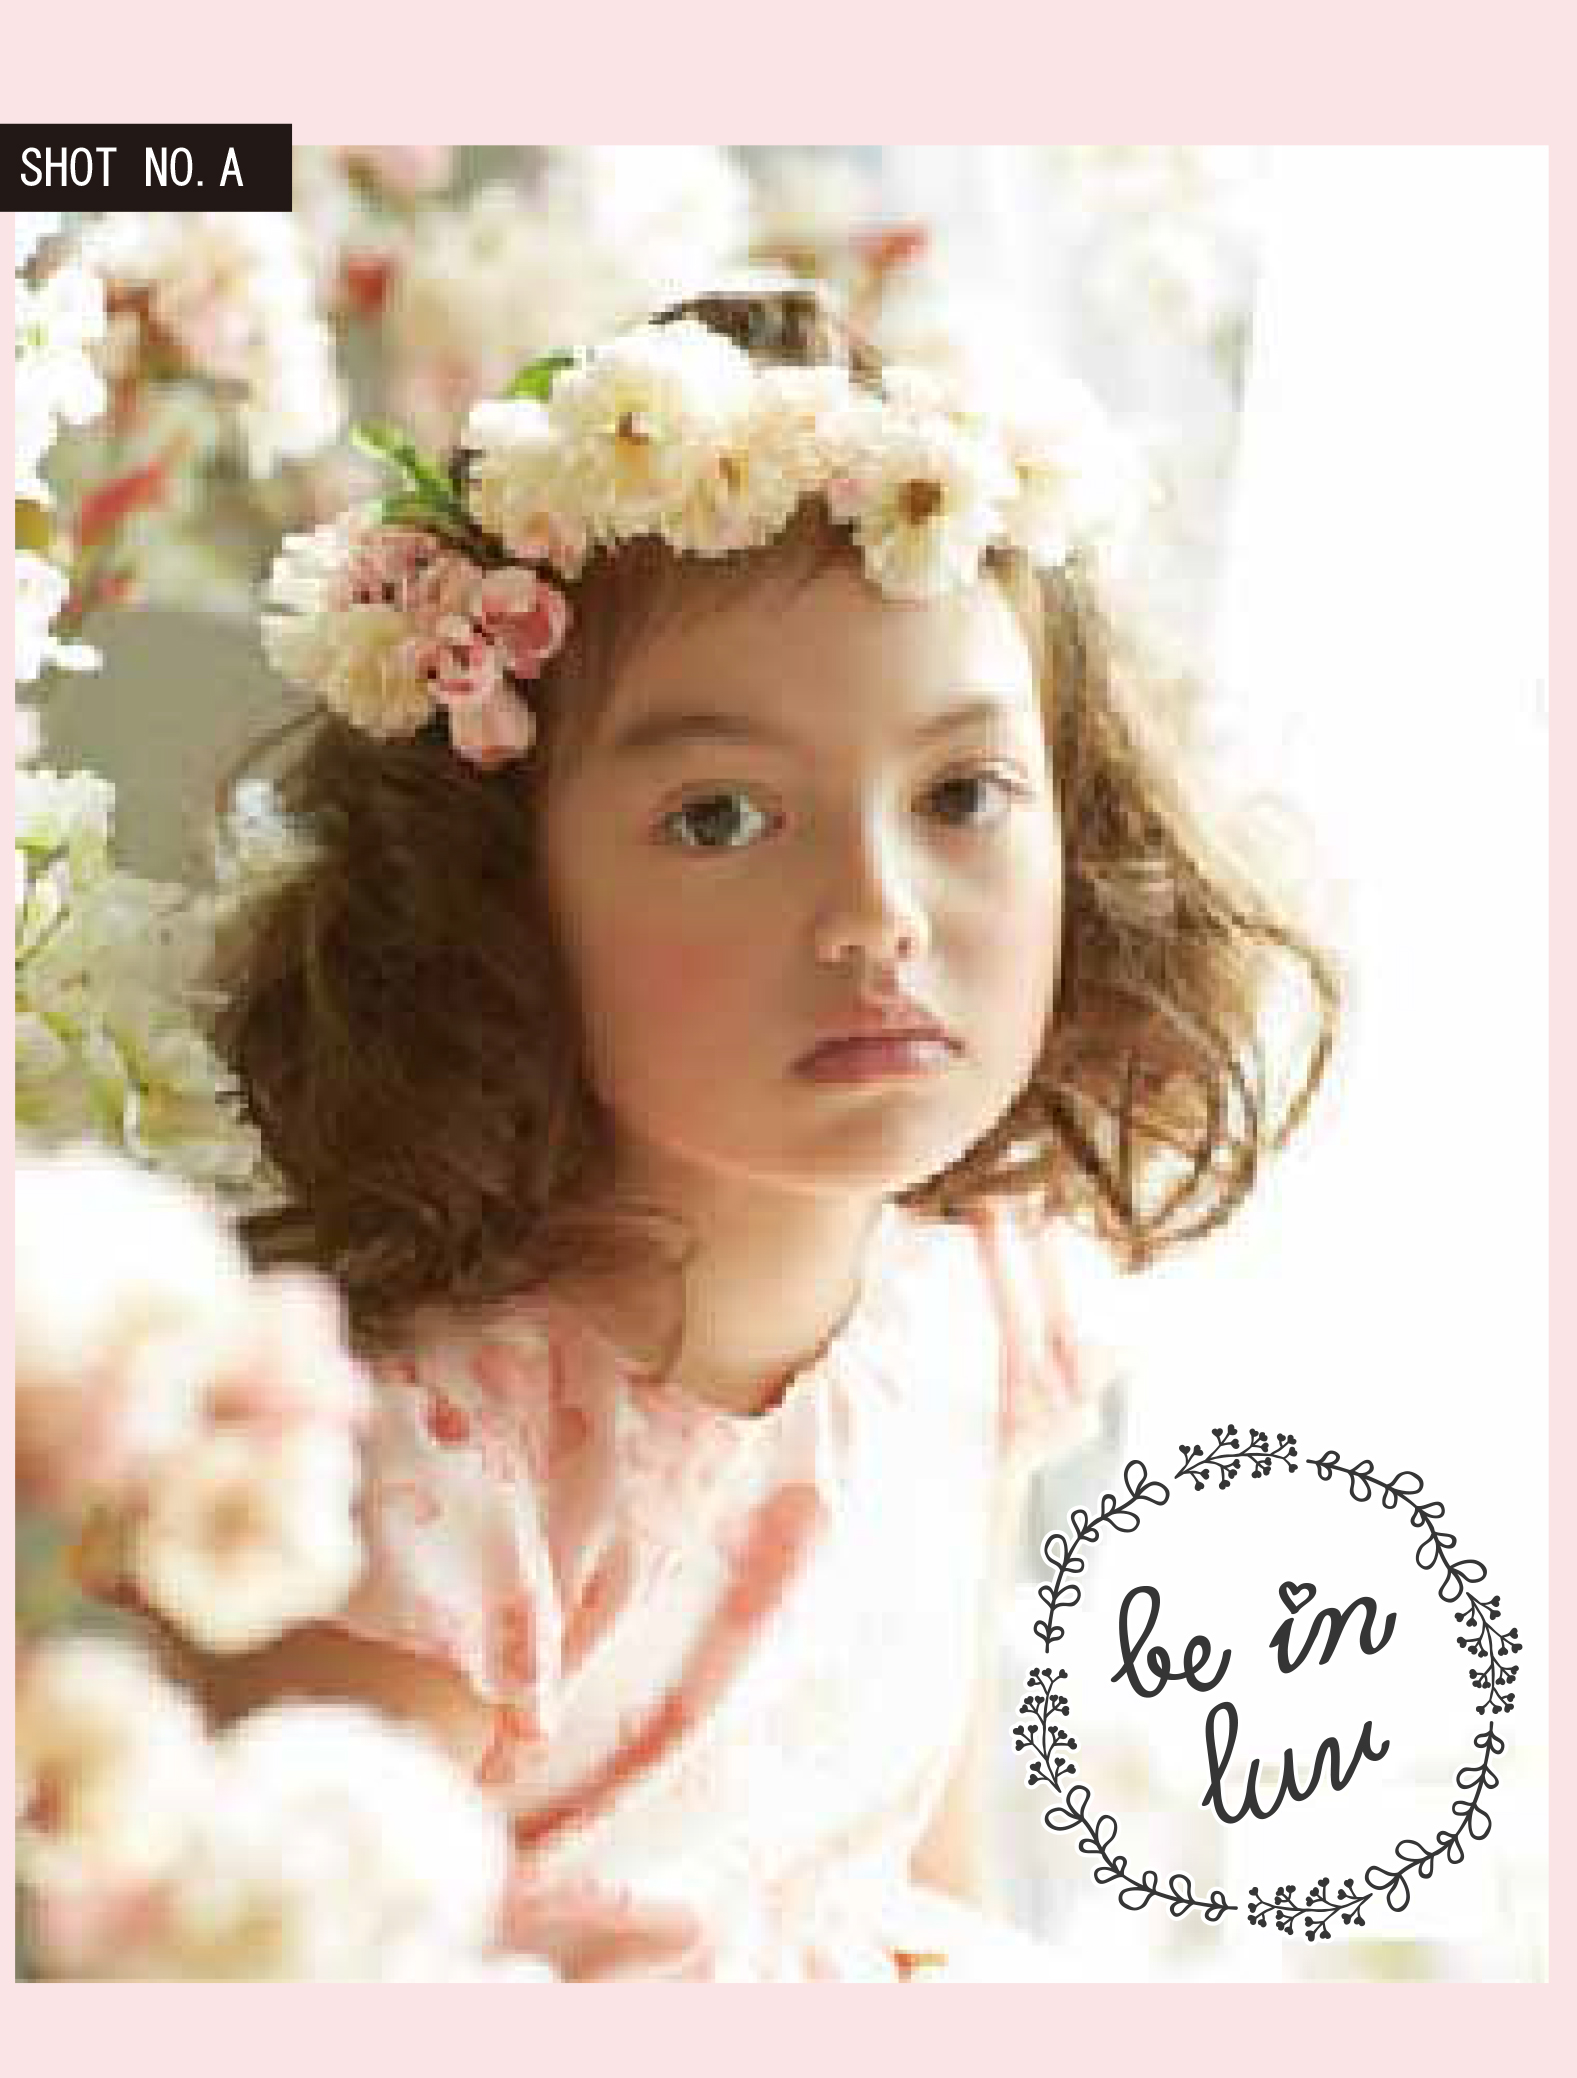 カタログシュミレーション女児2-2